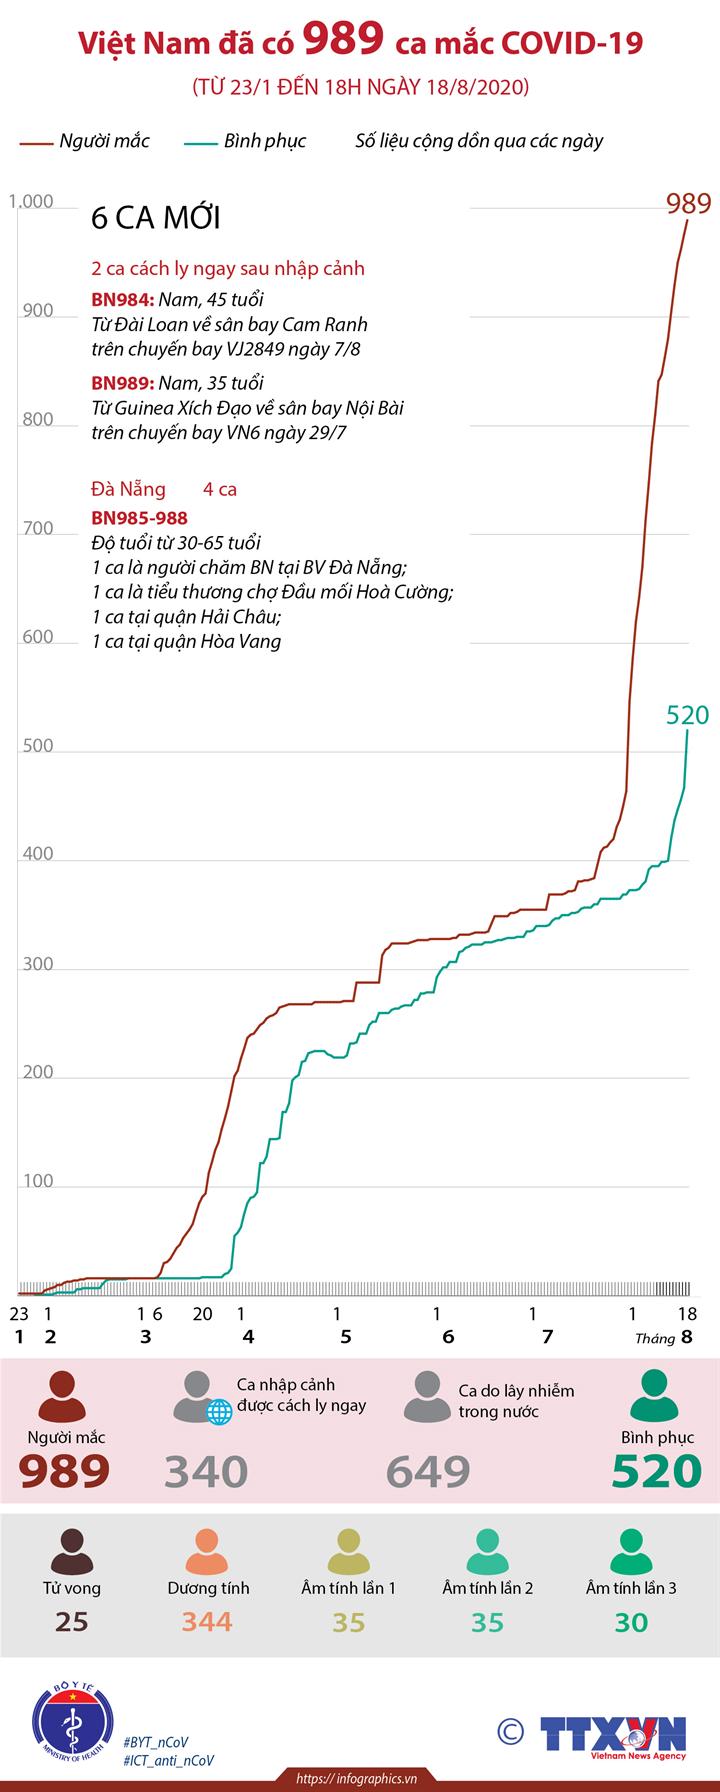 Việt Nam đã có 989 ca mắc COVID-19 (từ 23/1 đến 18h ngày 18/8/2020)